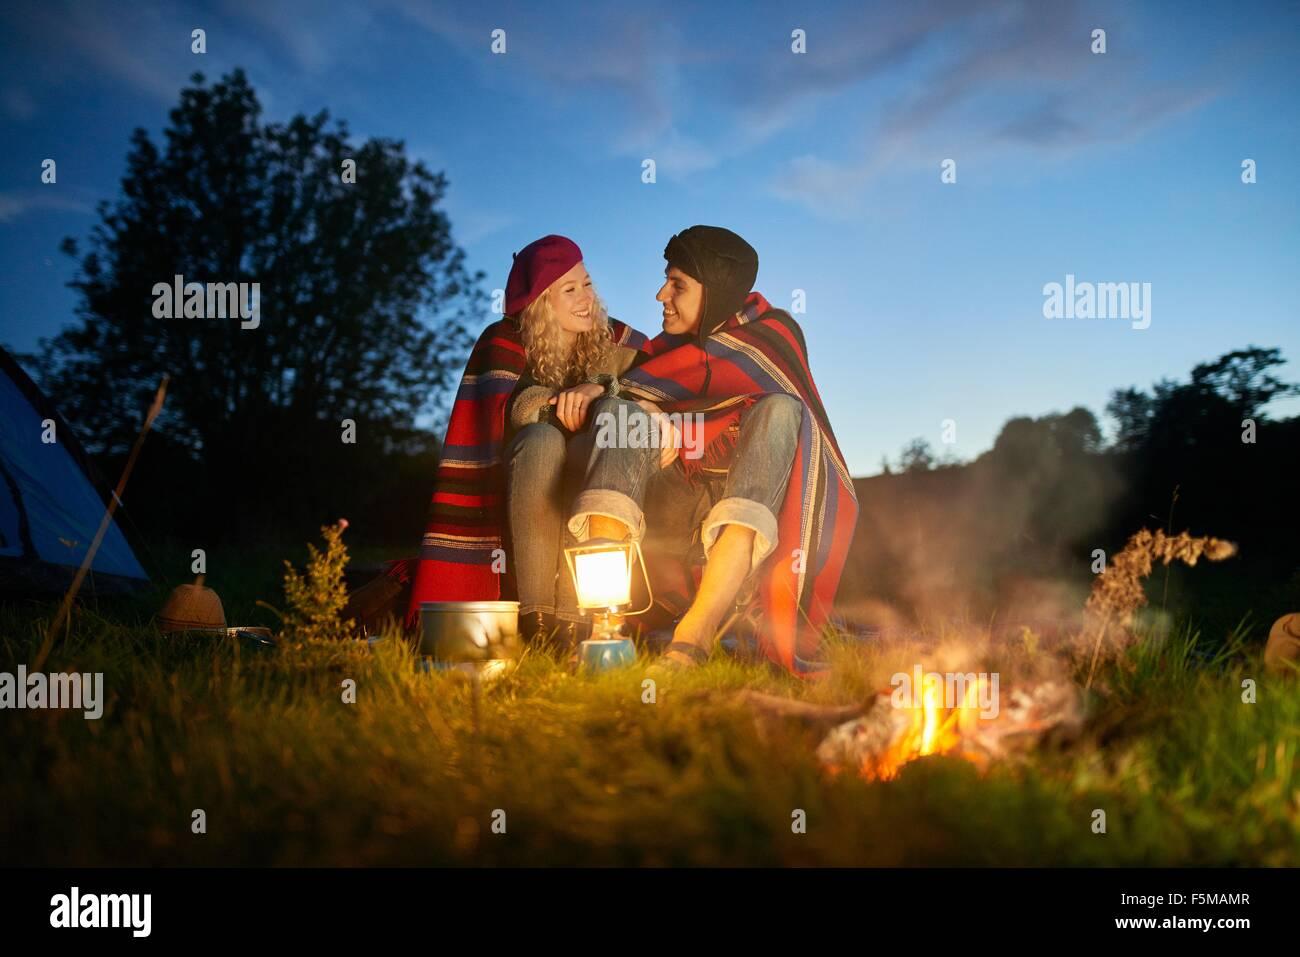 Campeggio giovani giovane seduto di fronte ad un falò al tramonto Immagini Stock